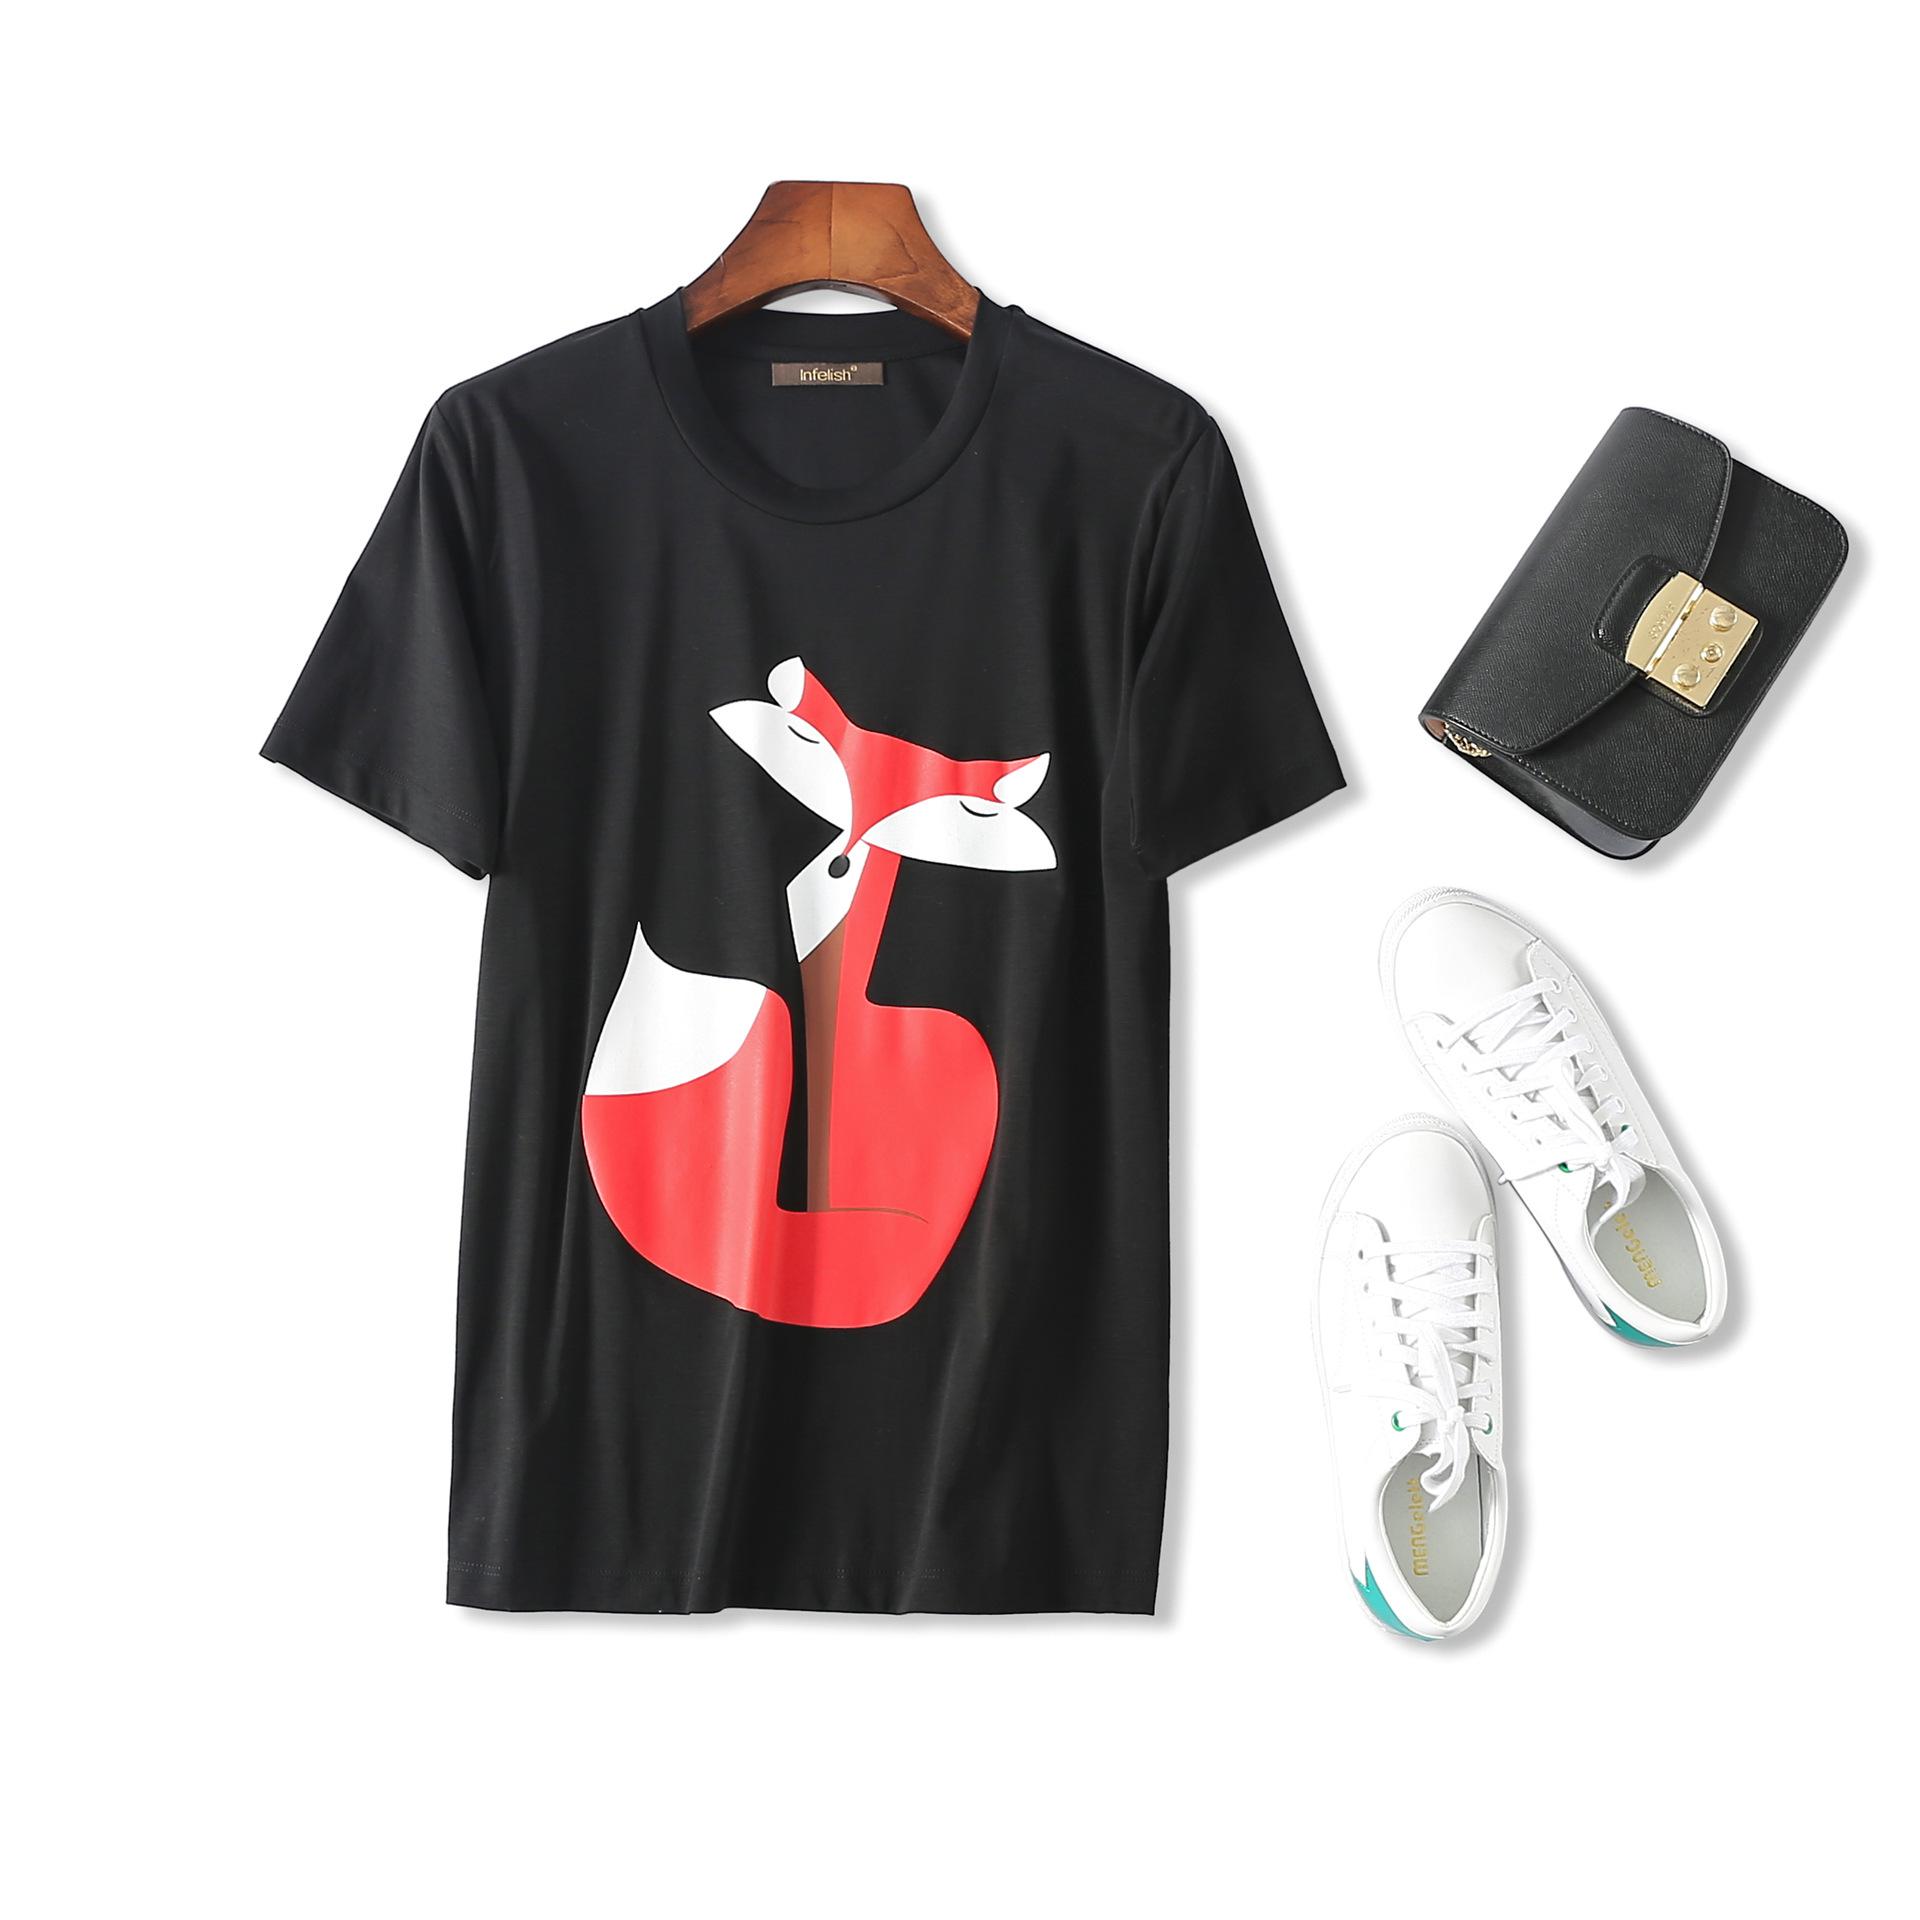 外贸原单尾货商场撤柜女装剪标小狐狸 圆领宽松丝光棉短袖T恤女